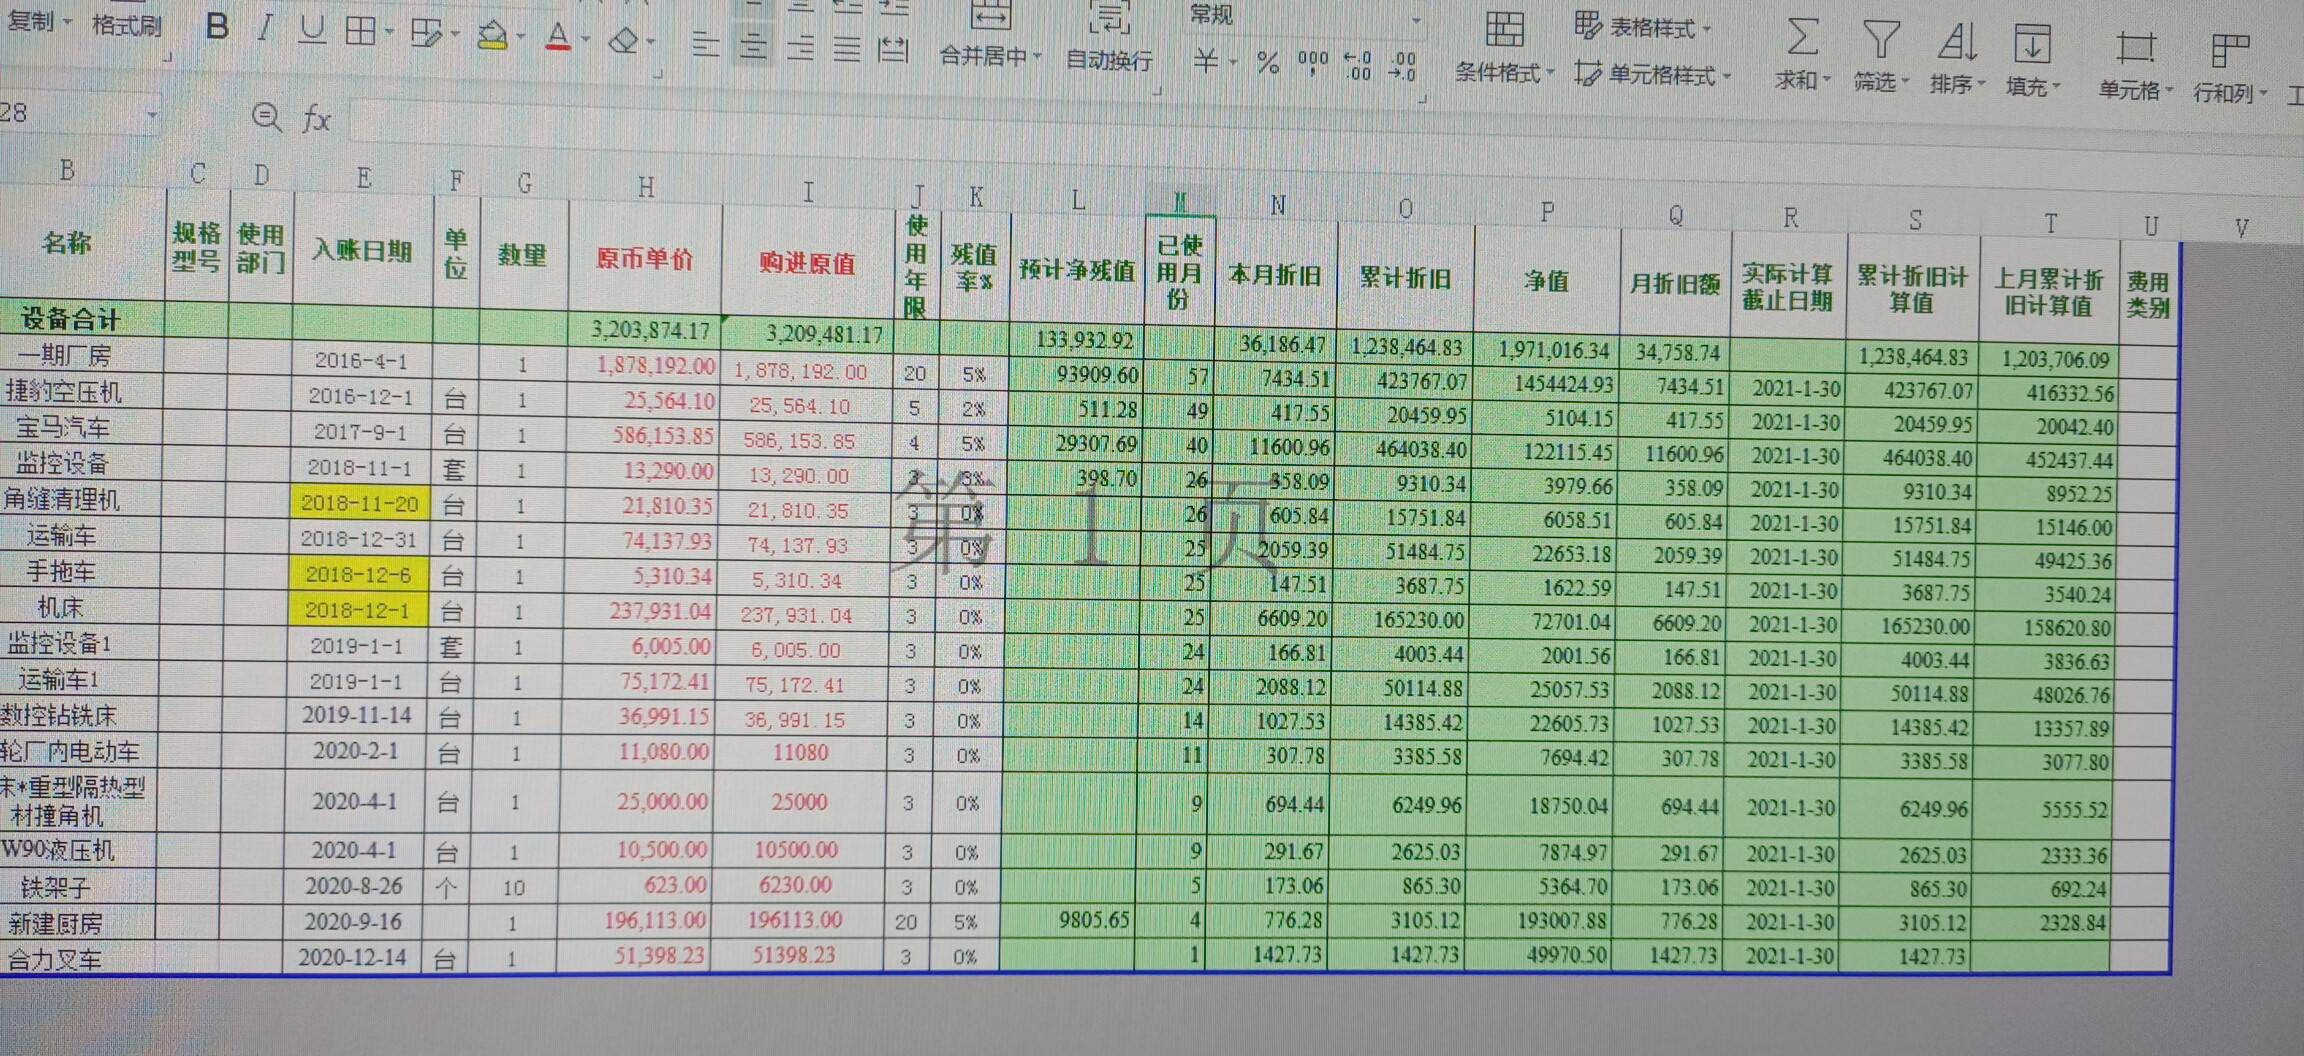 老师就是这个表,我每月要动那里它的已使用月份和日期才会变动